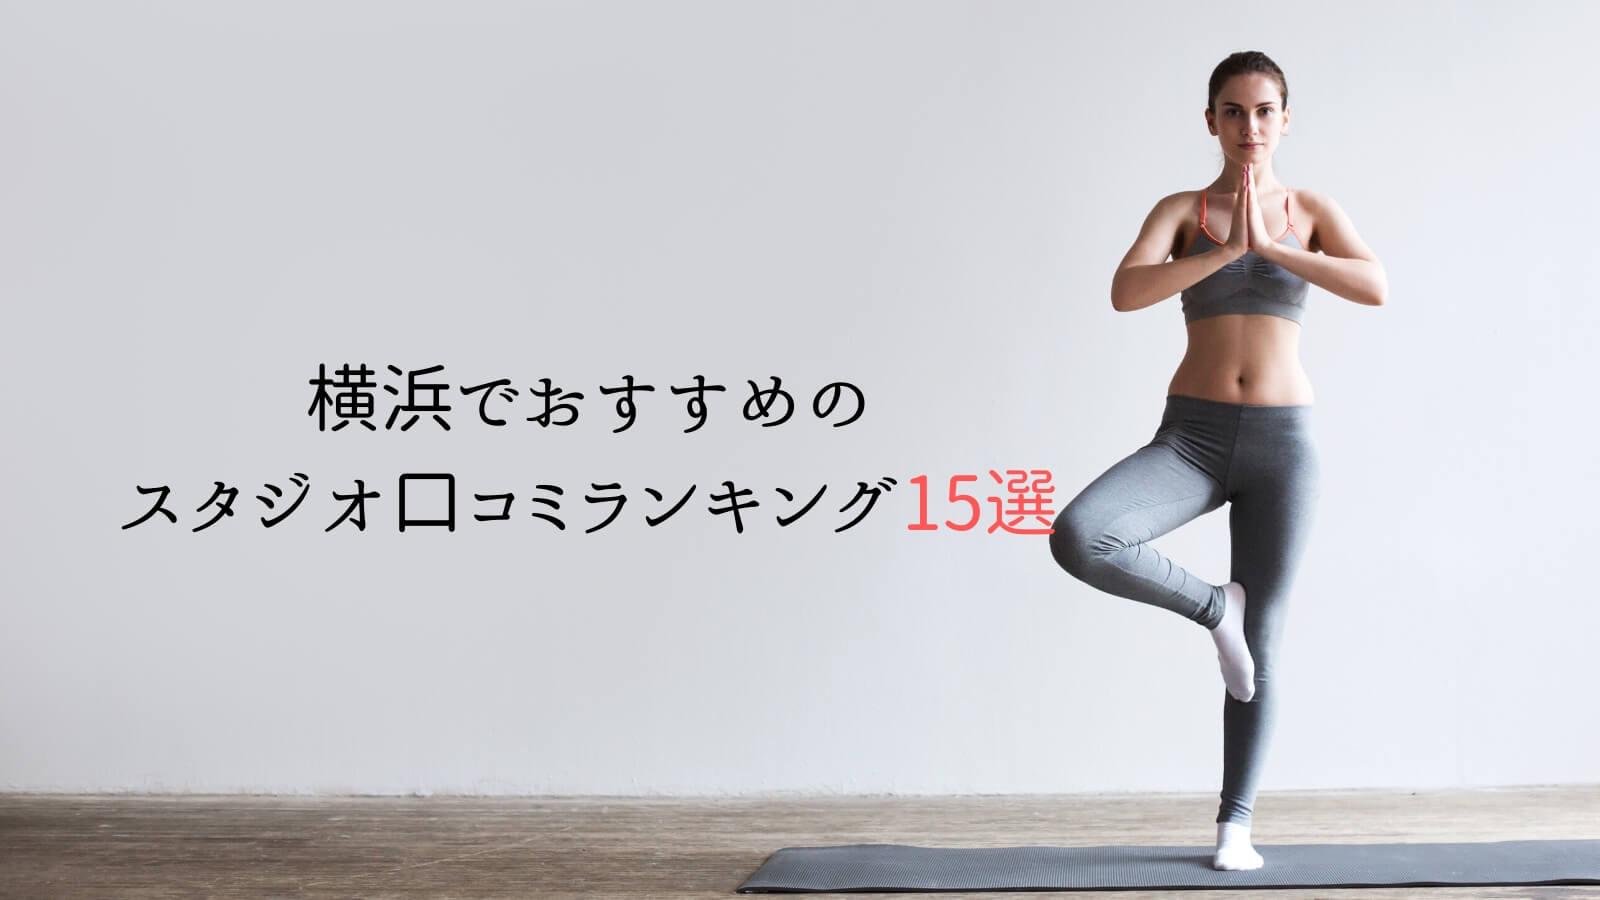 横浜でおすすめのホットヨガスタジオ口コミランキング15選